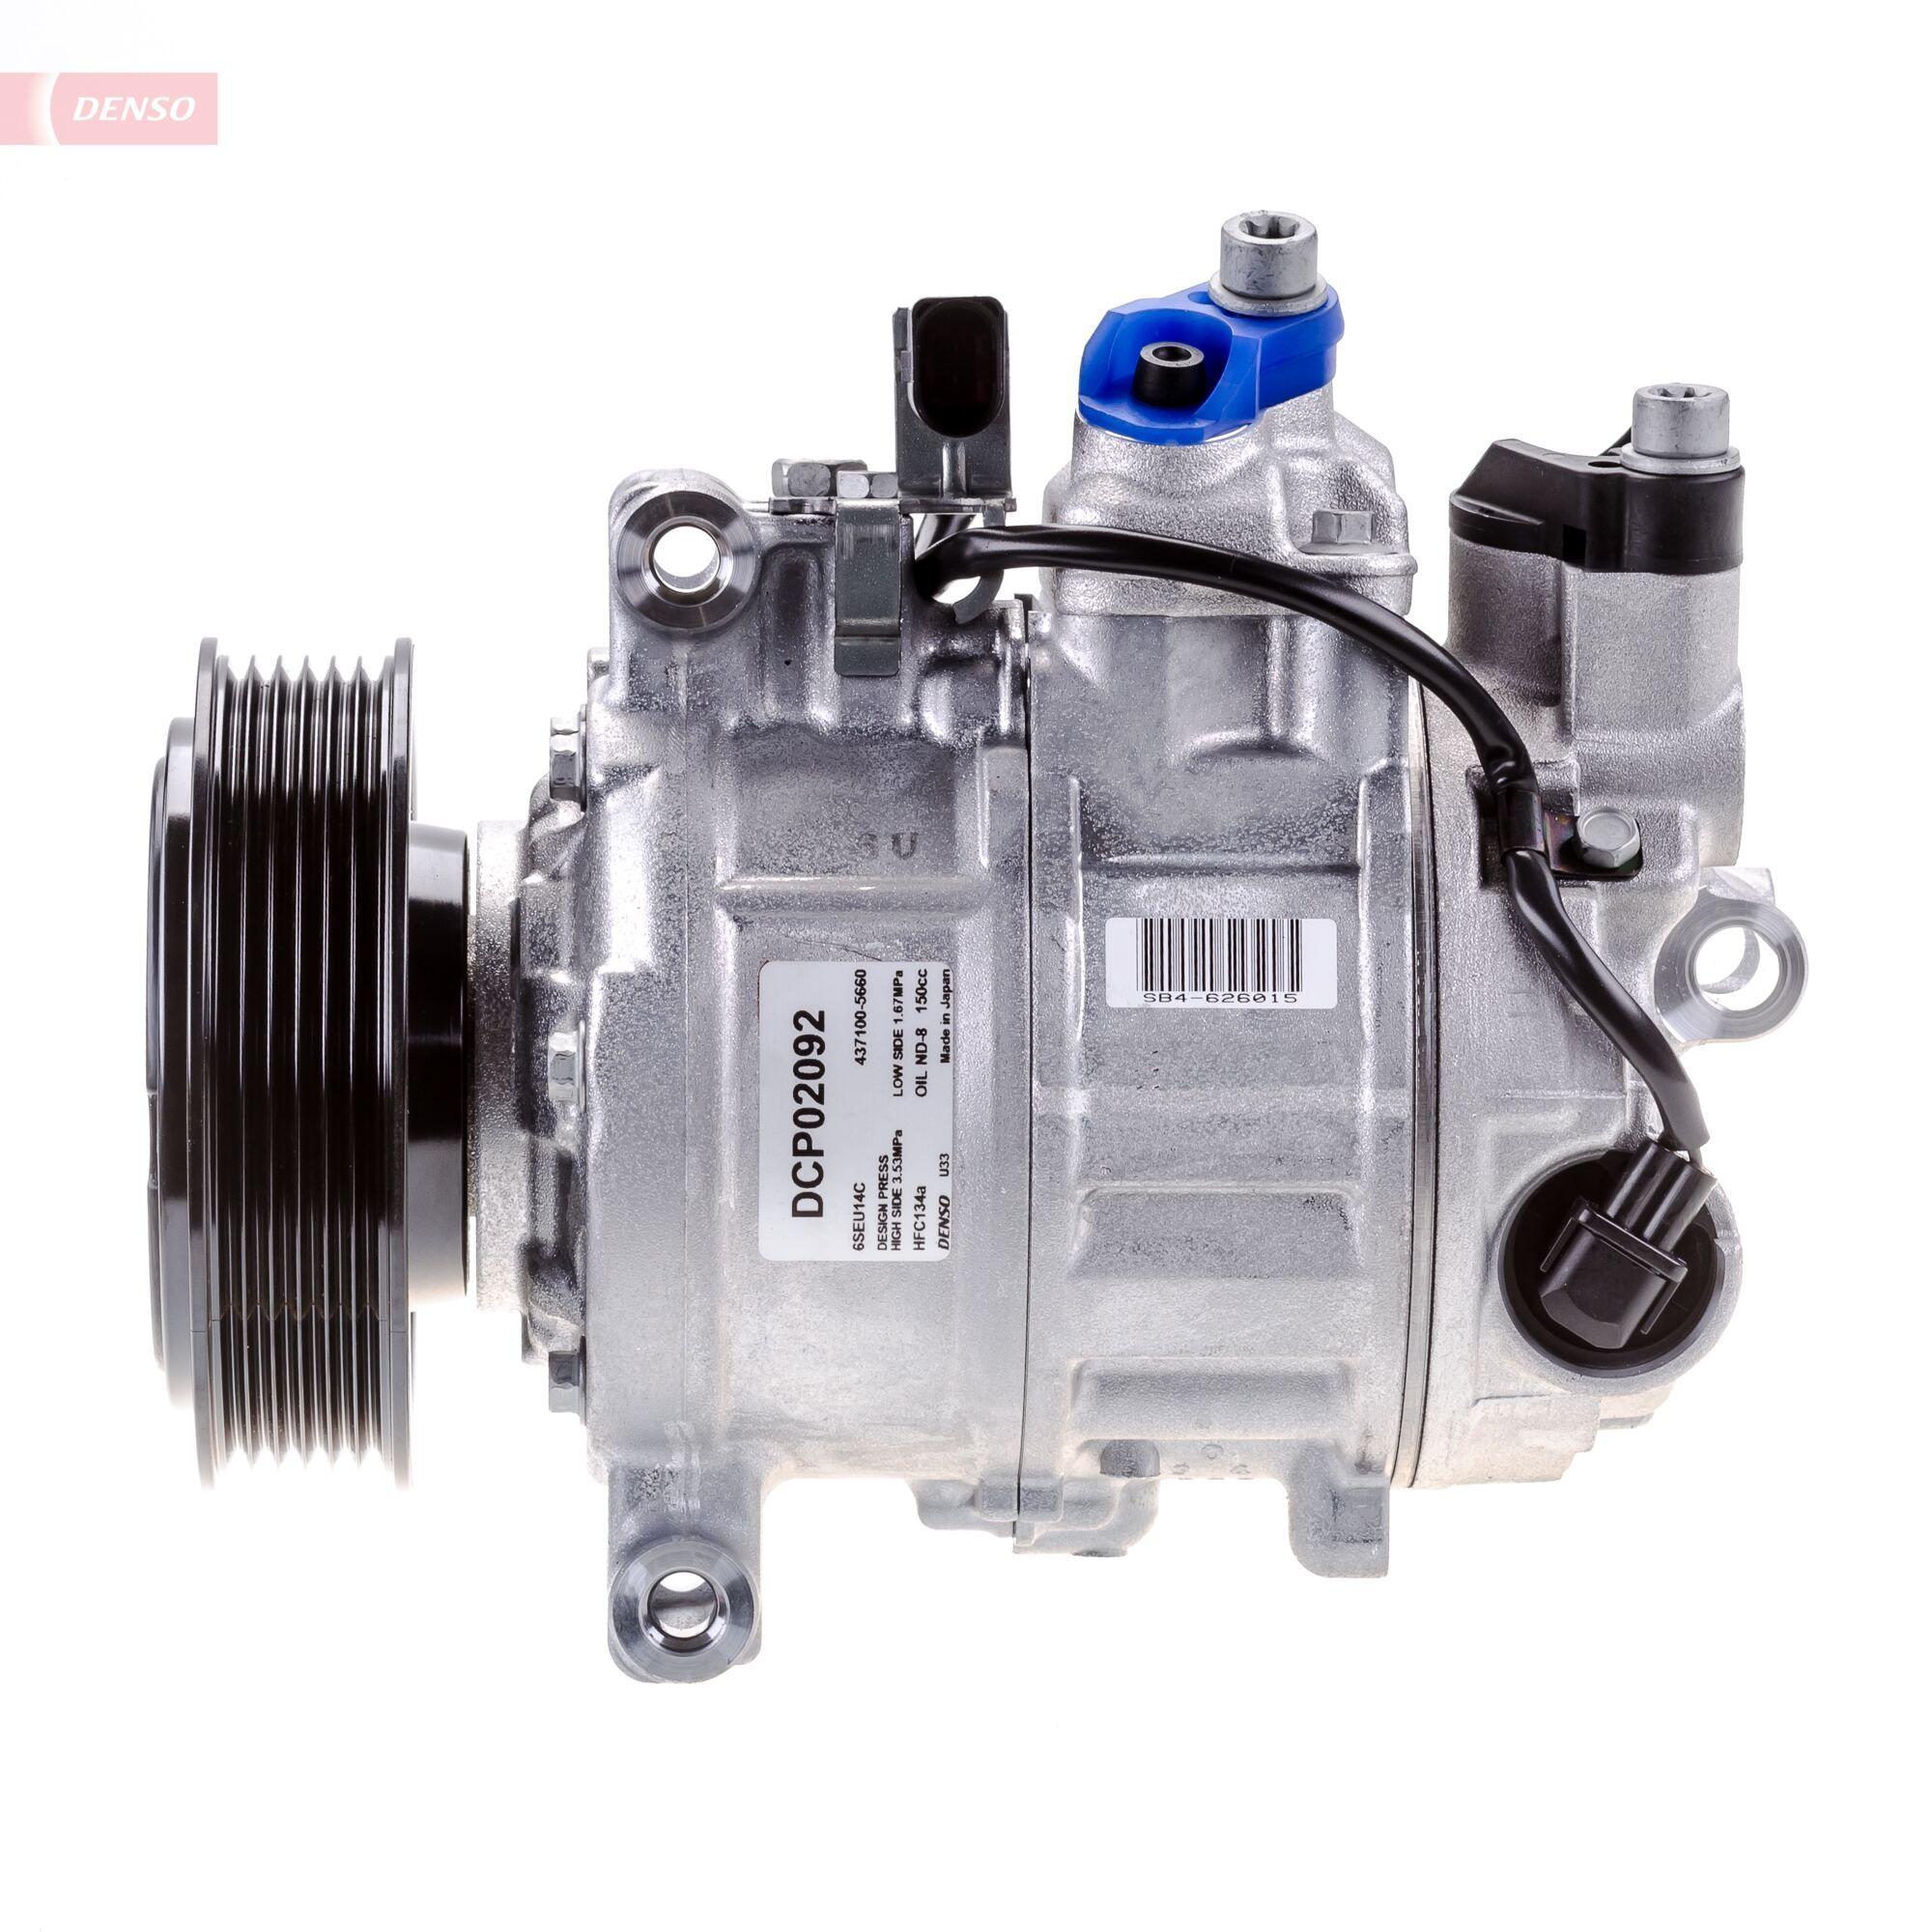 DCP02092 Kompressor, Klimaanlage DENSO DCP02092 - Große Auswahl - stark reduziert